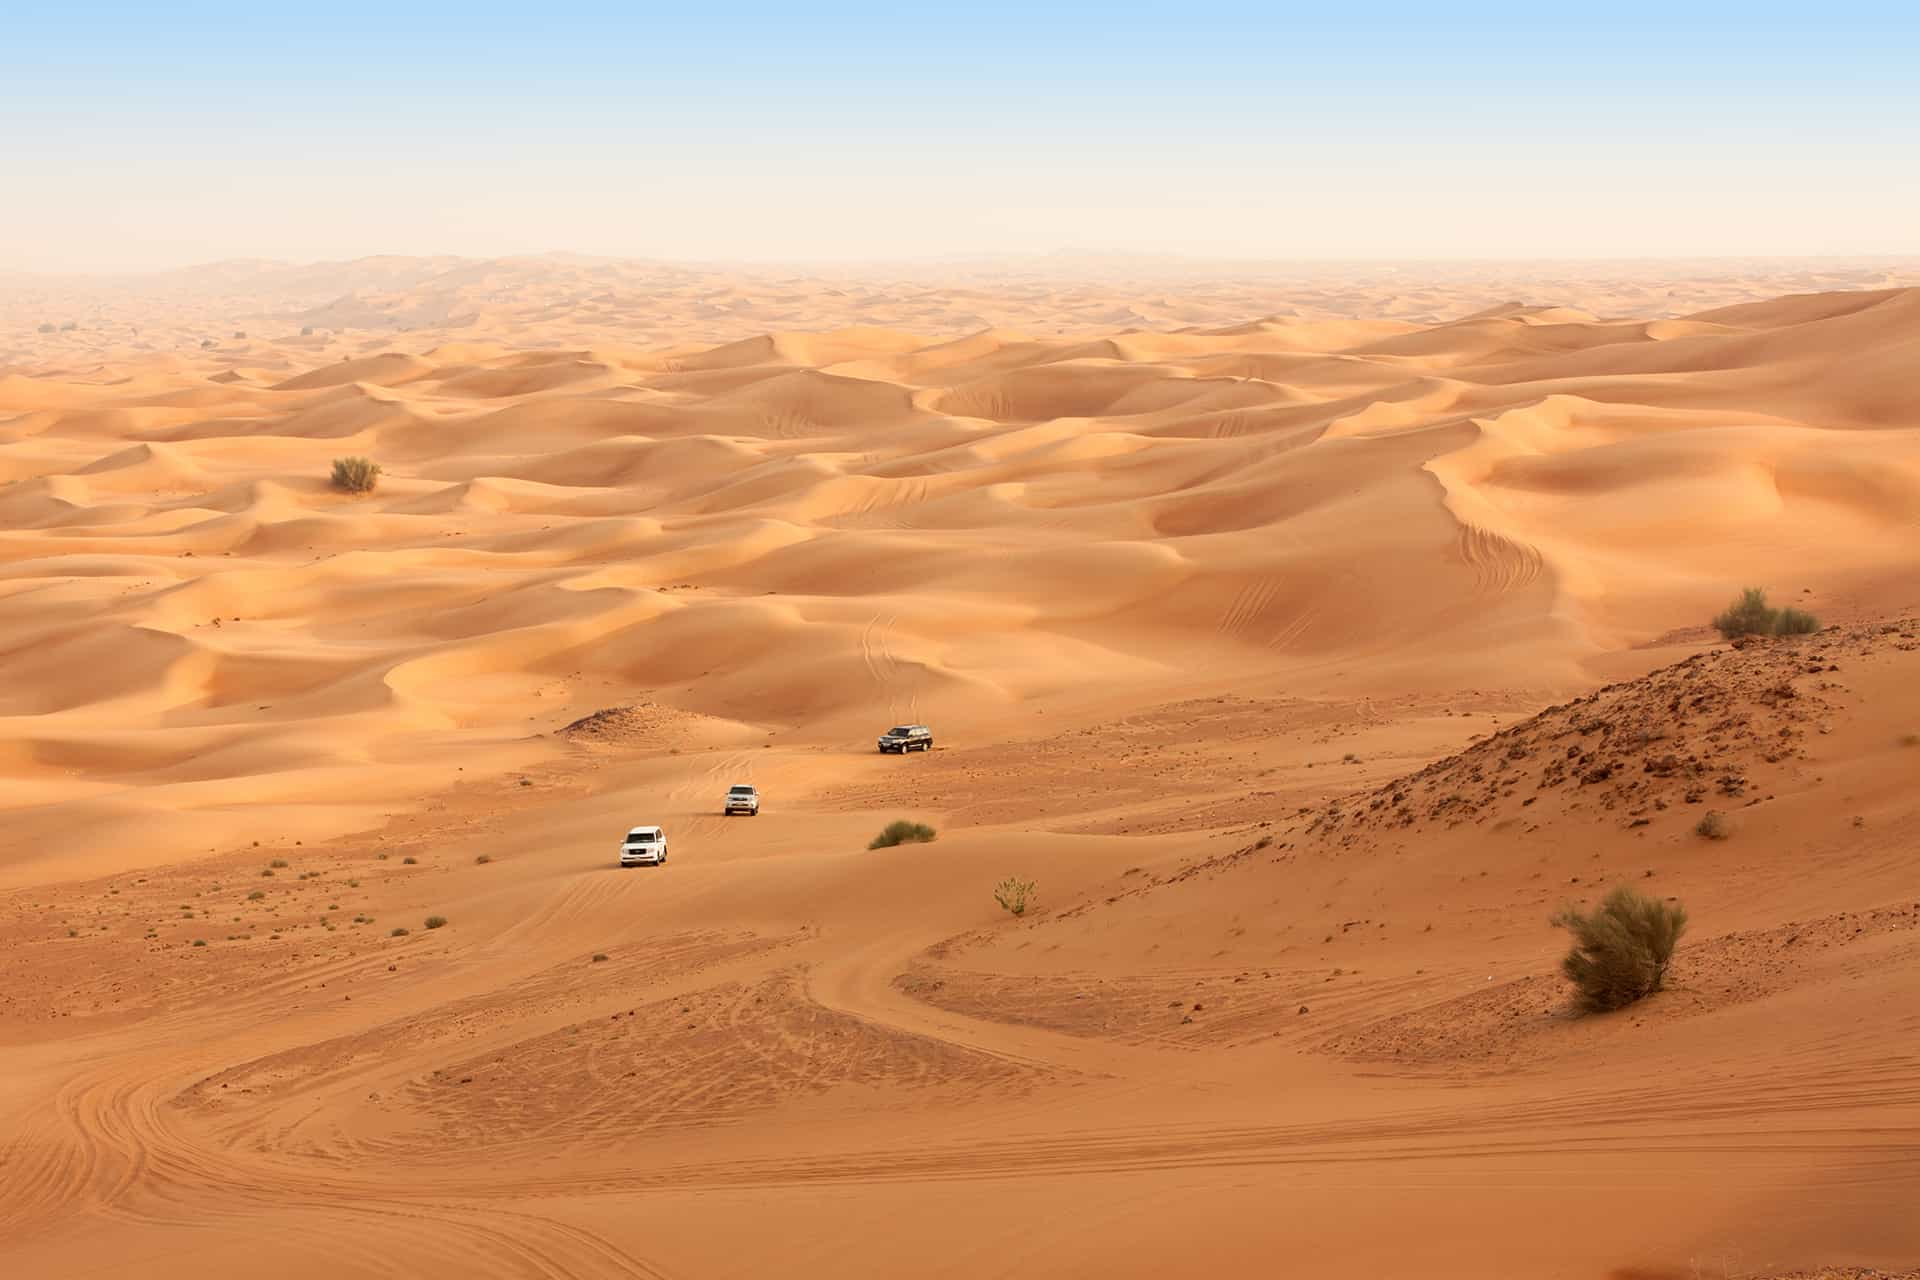 safari 4x4 desert dubai